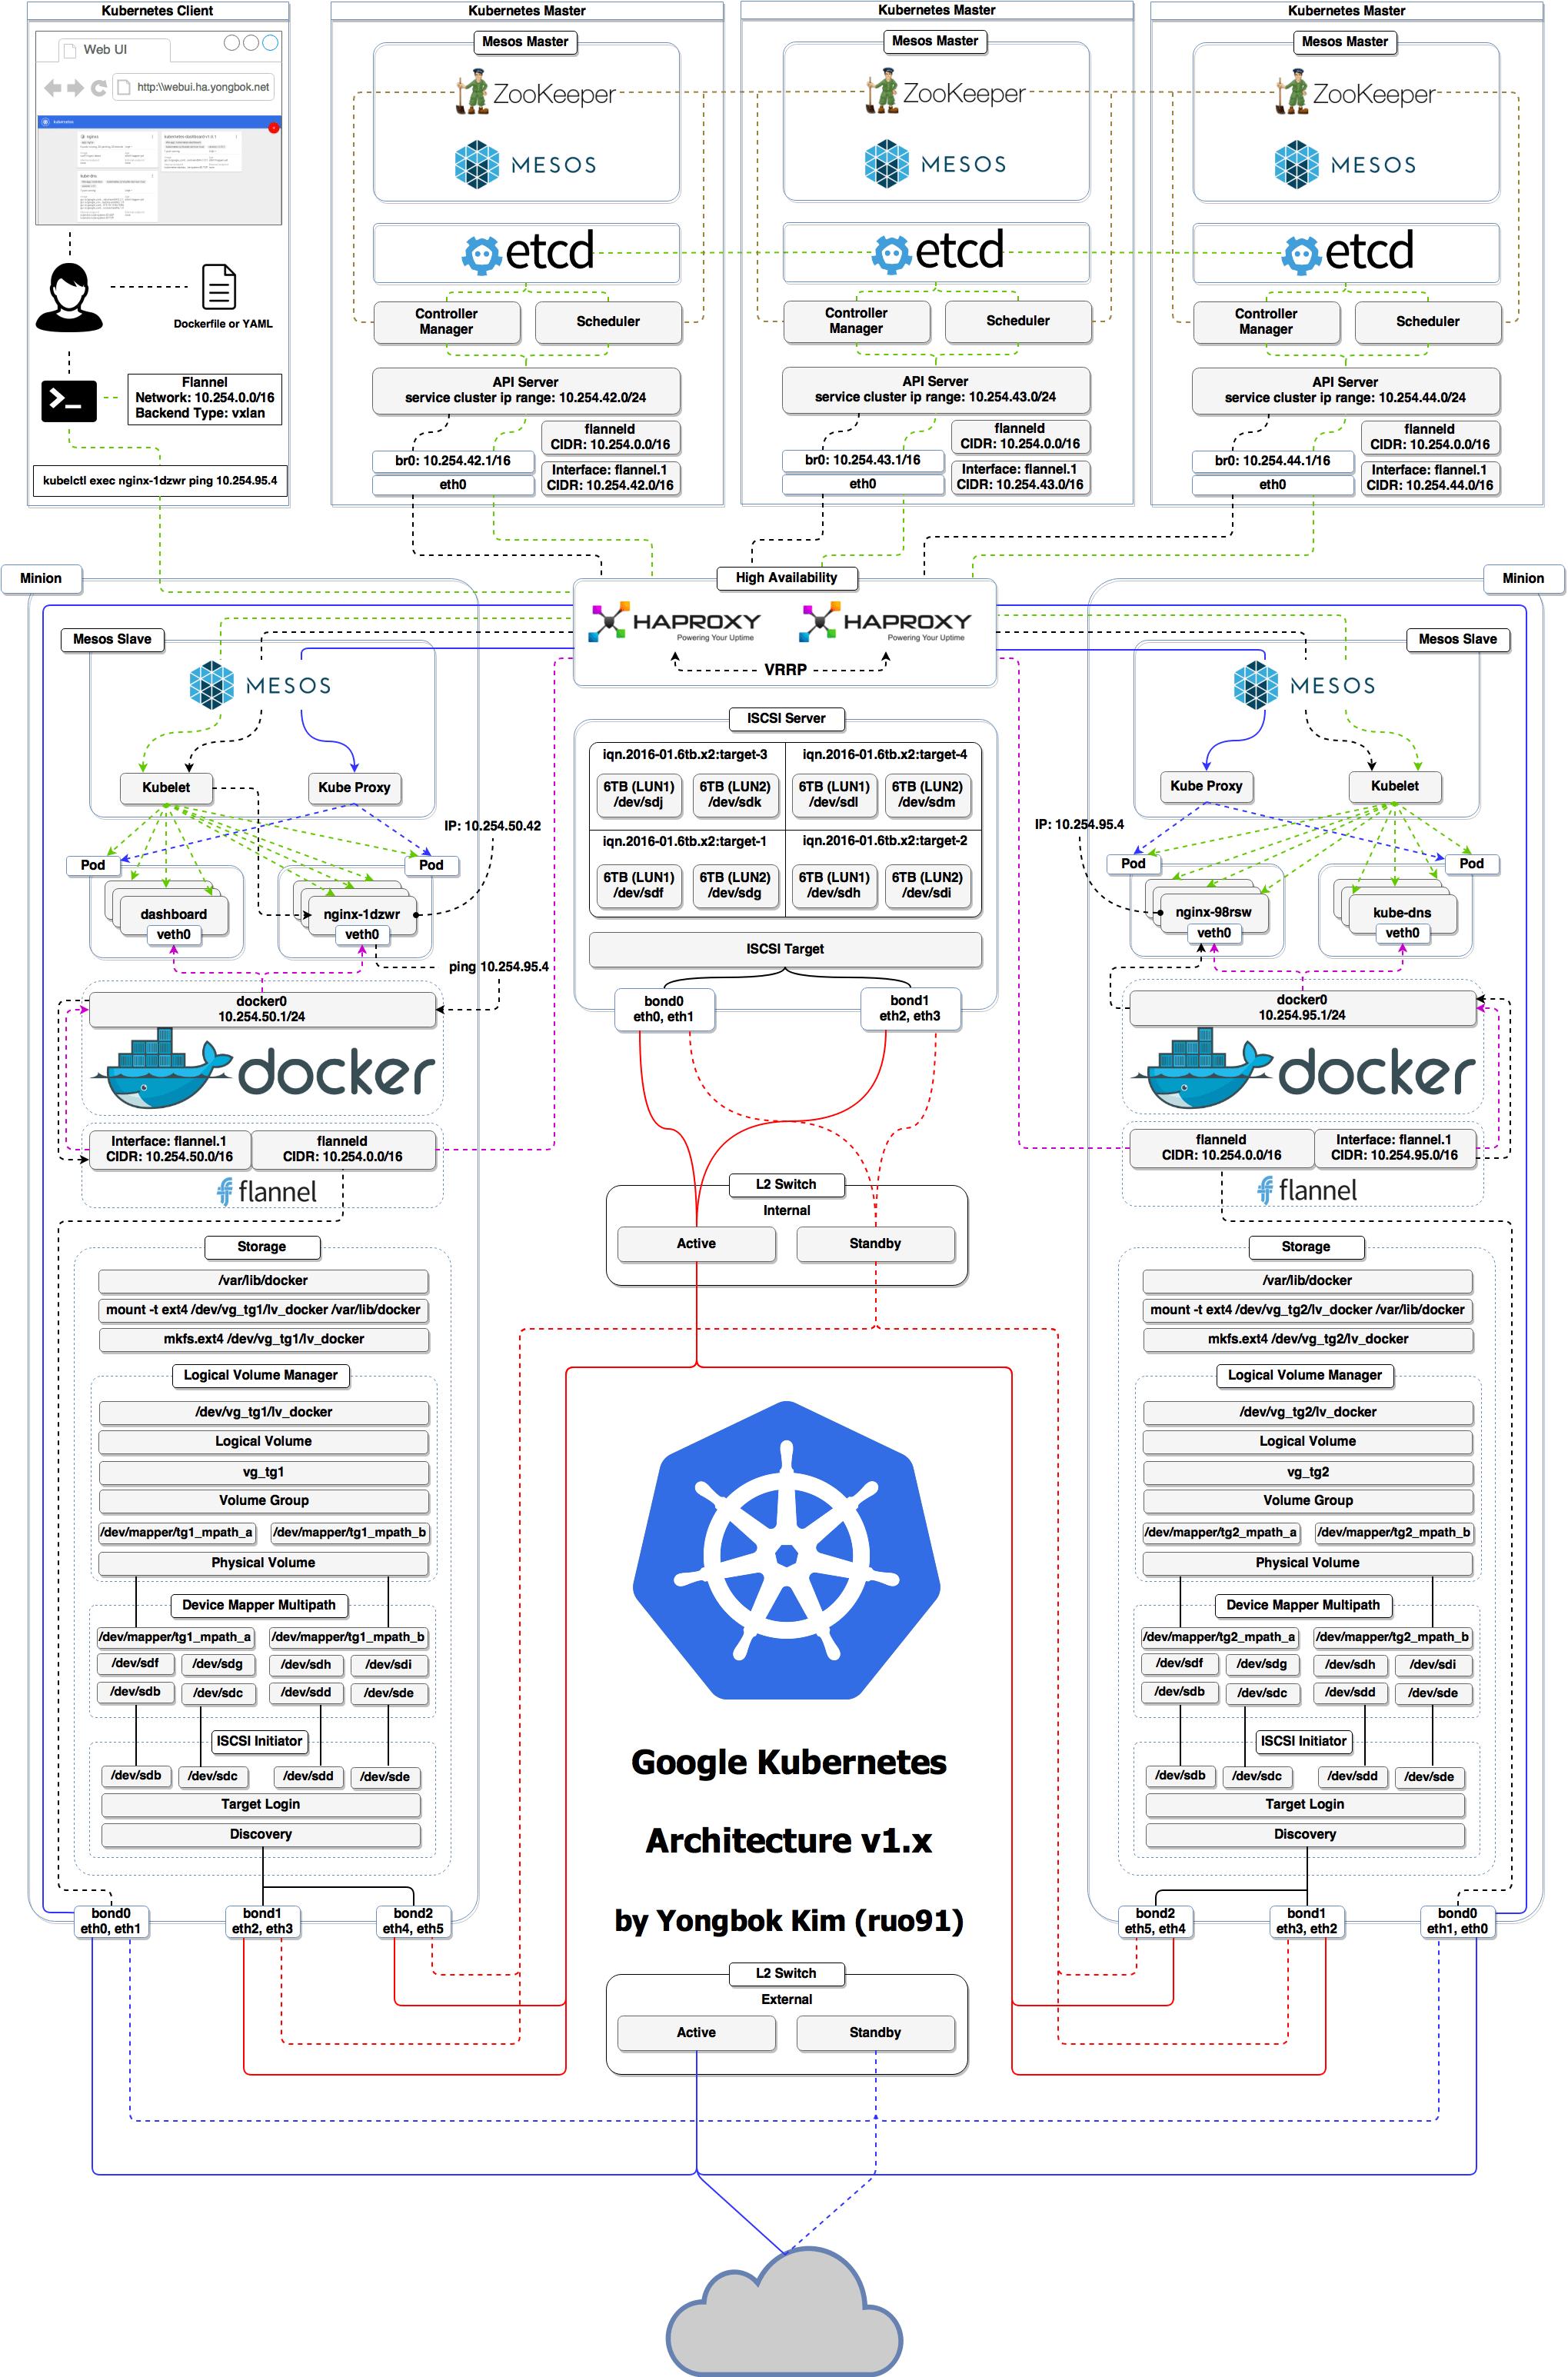 kubernetes_mesos_architecture_v1.x